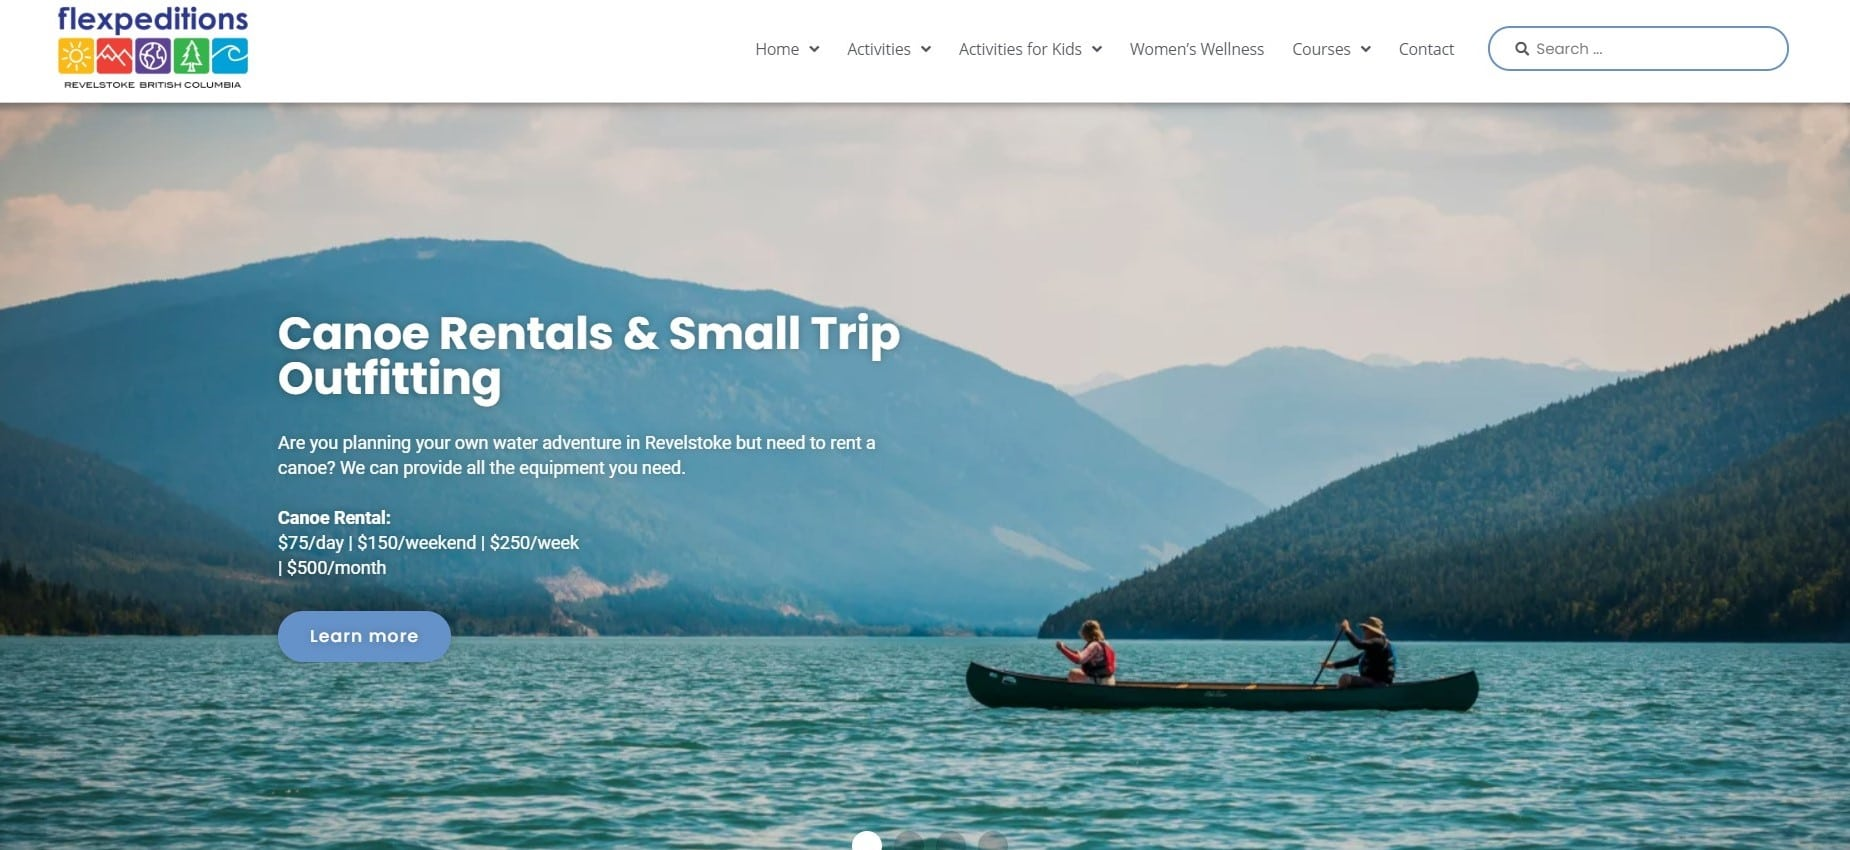 revy-web-design-portfolio-flexpeditions